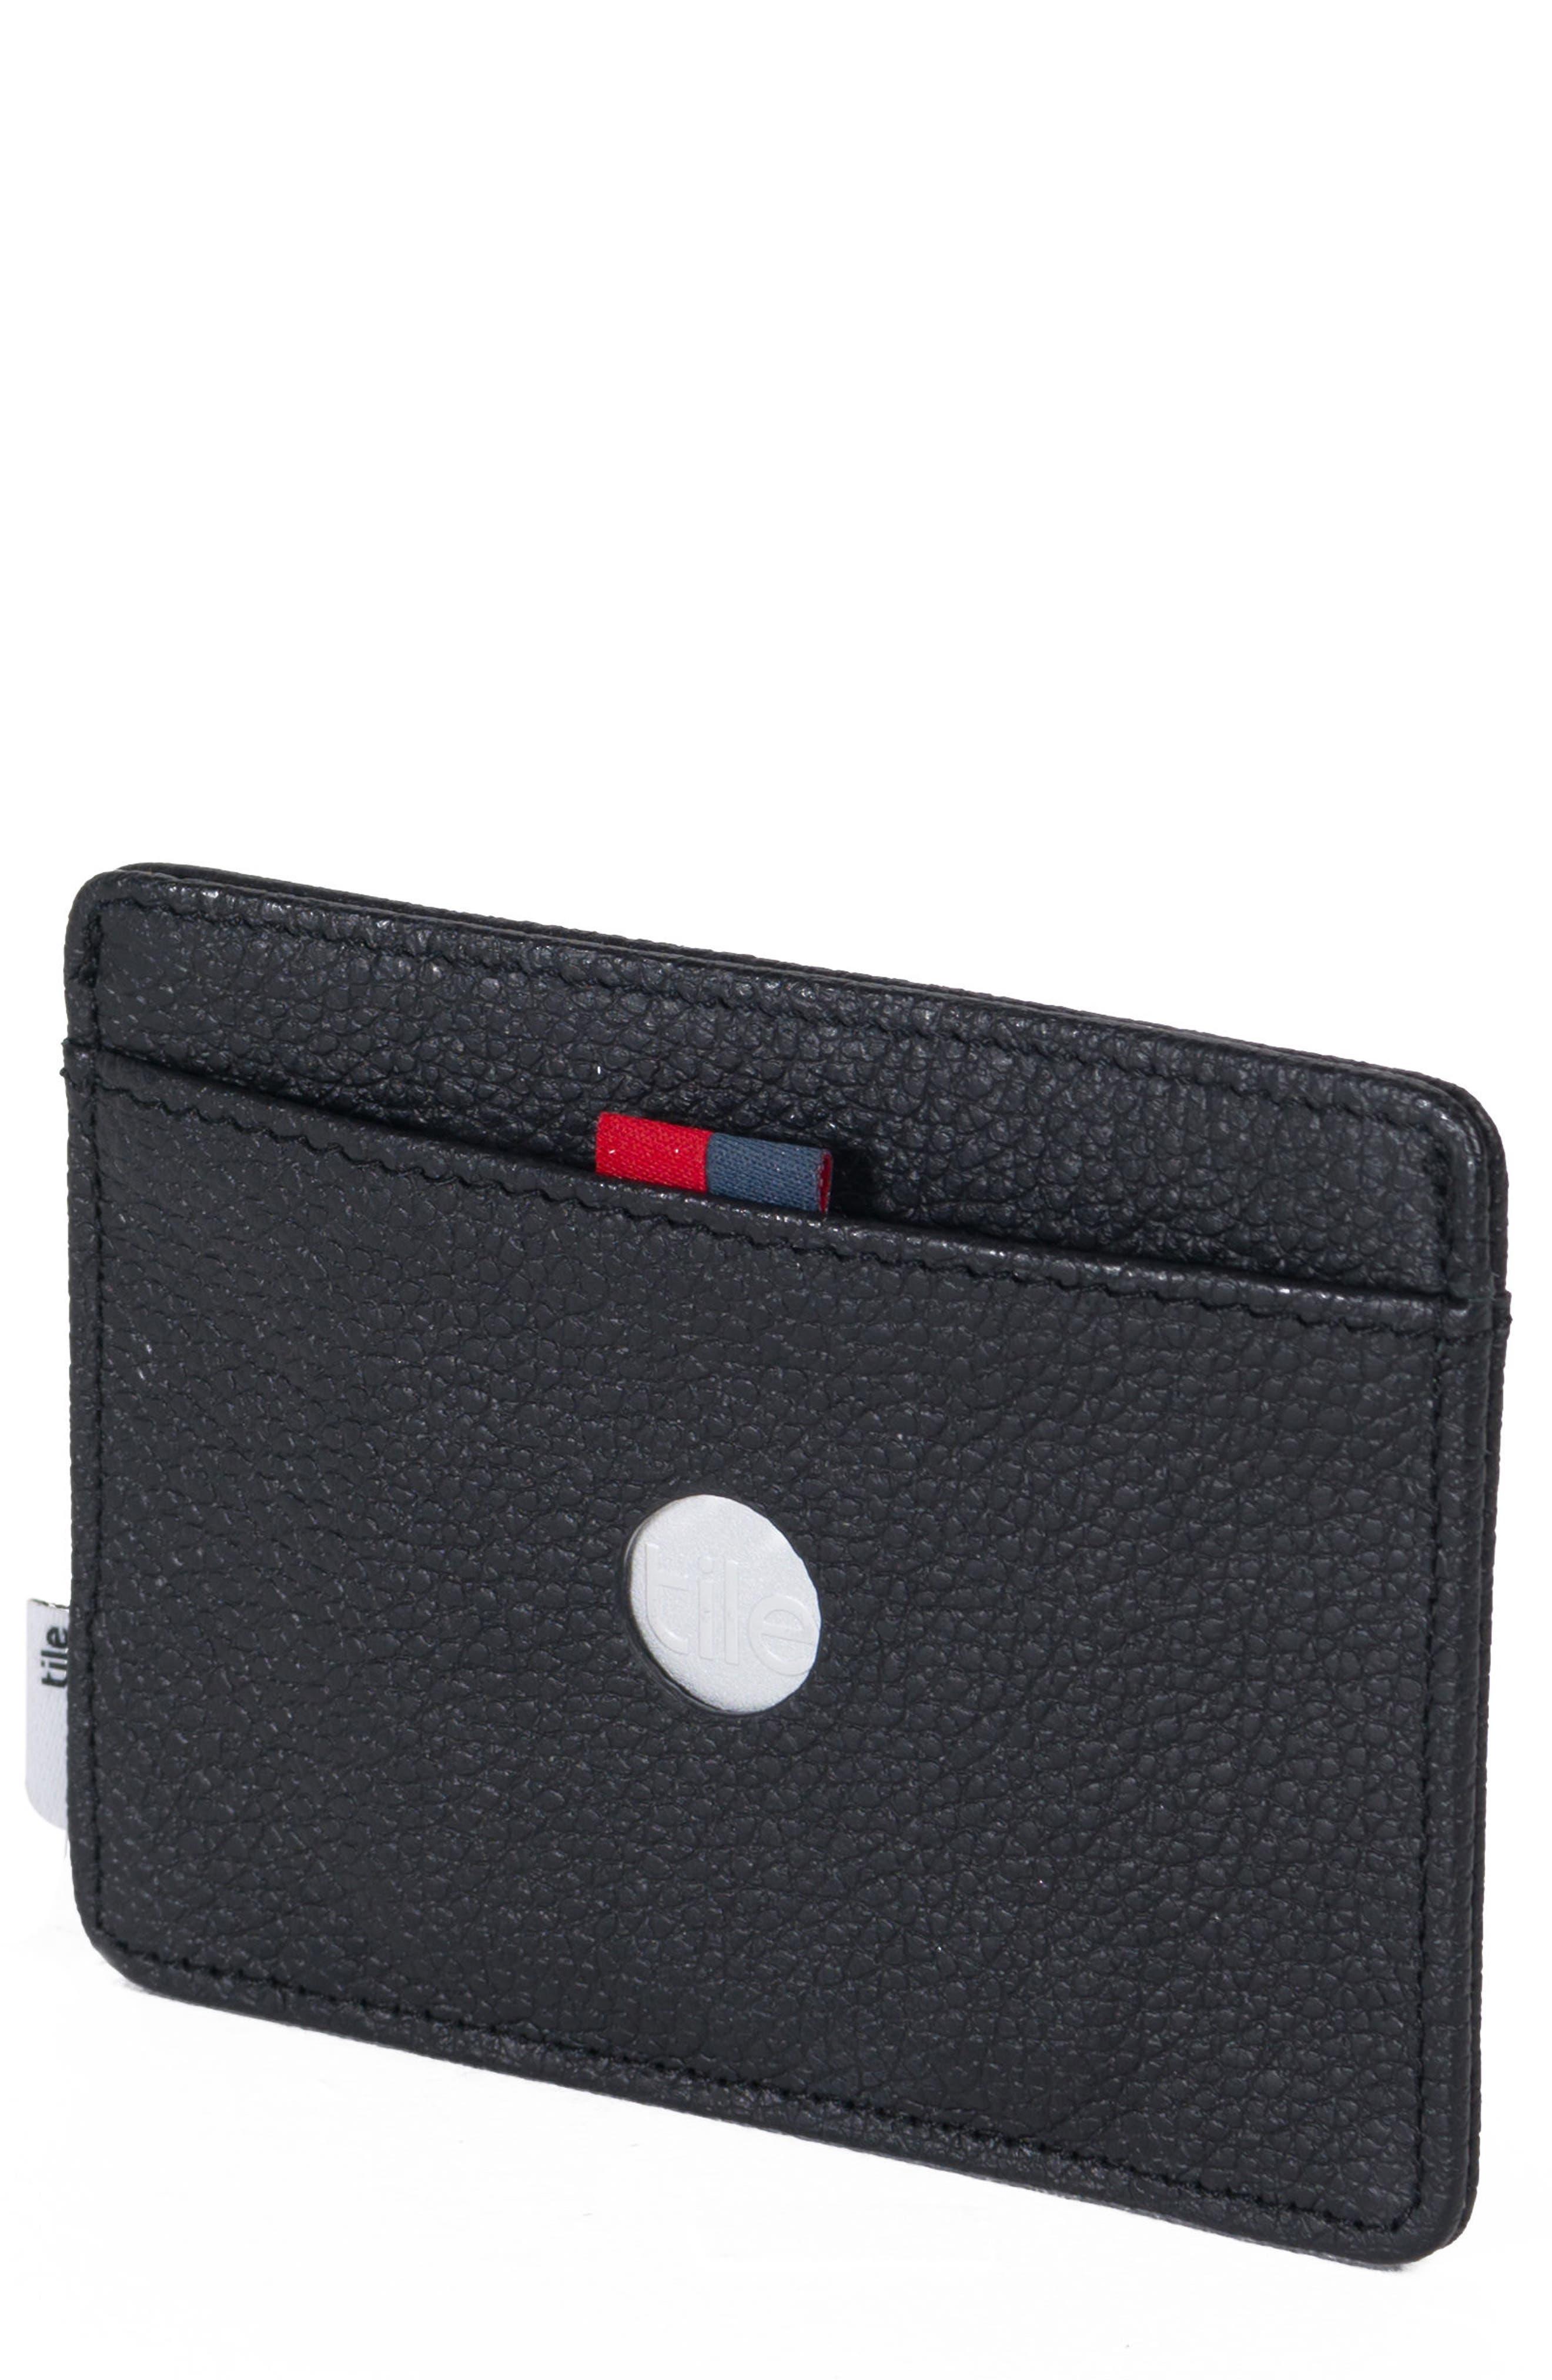 Tile Slim Charlie Leather Card Case,                         Main,                         color, BLACK PEBBLED LEATHER